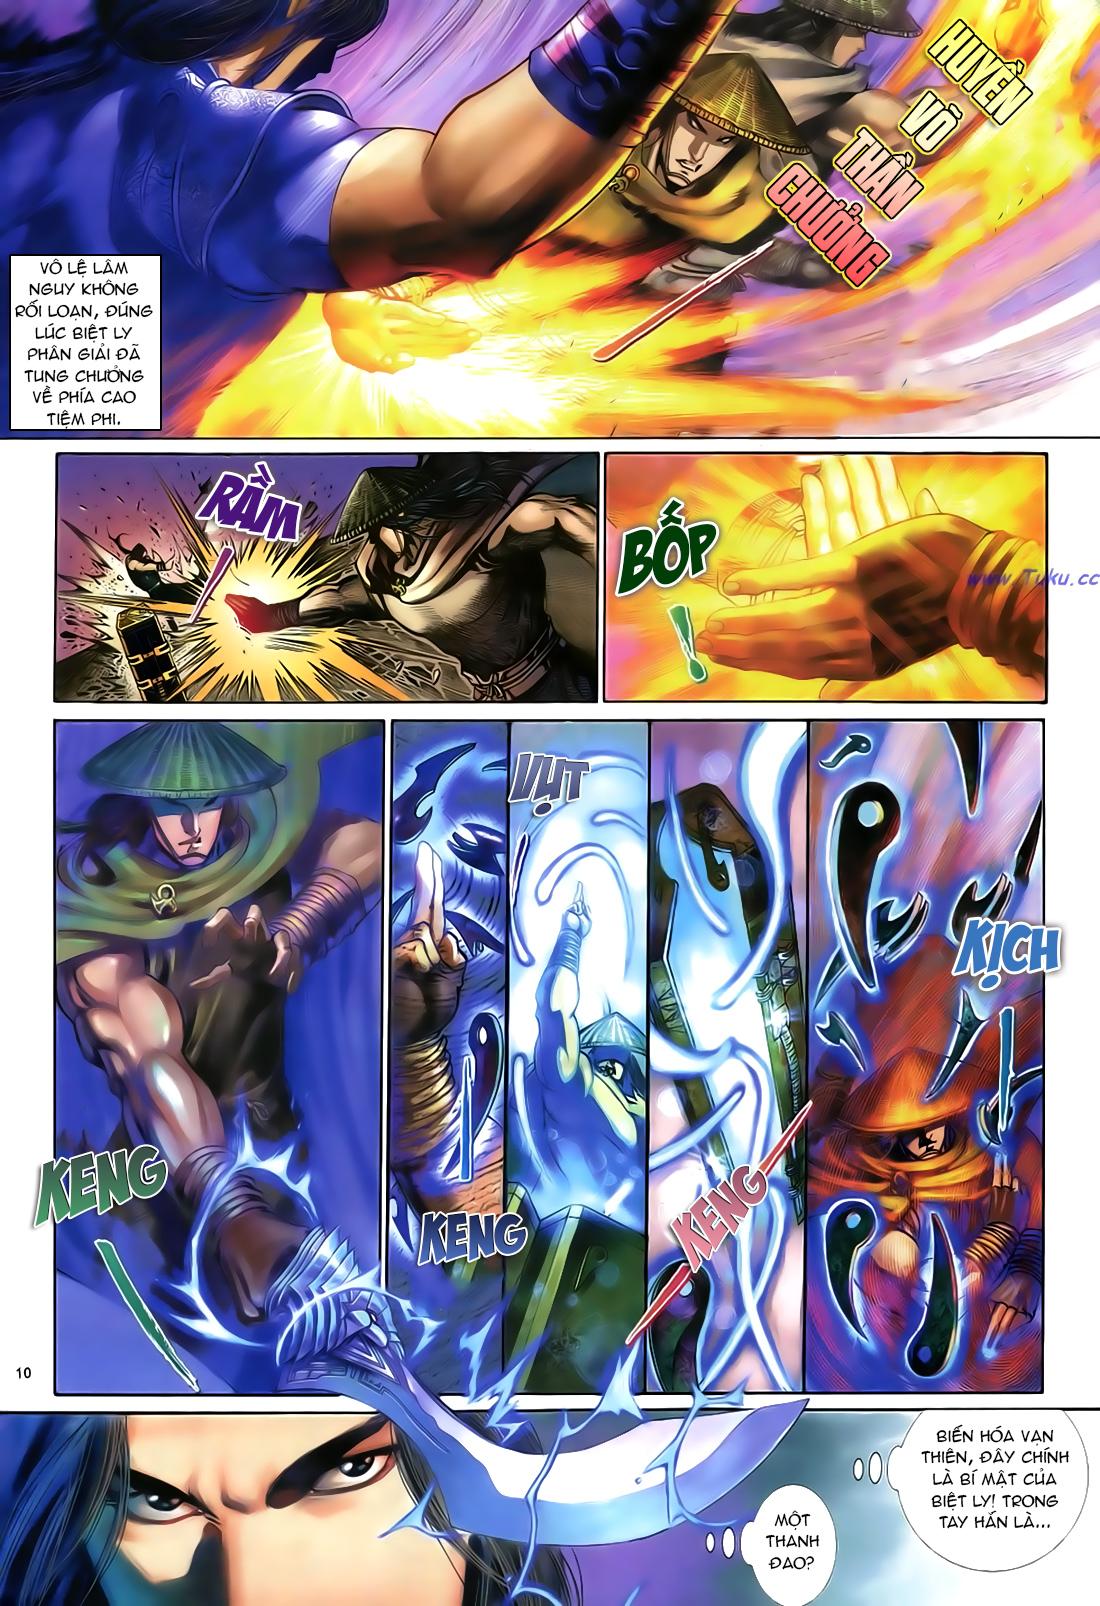 Anh hùng vô lệ Chap 21 trang 11